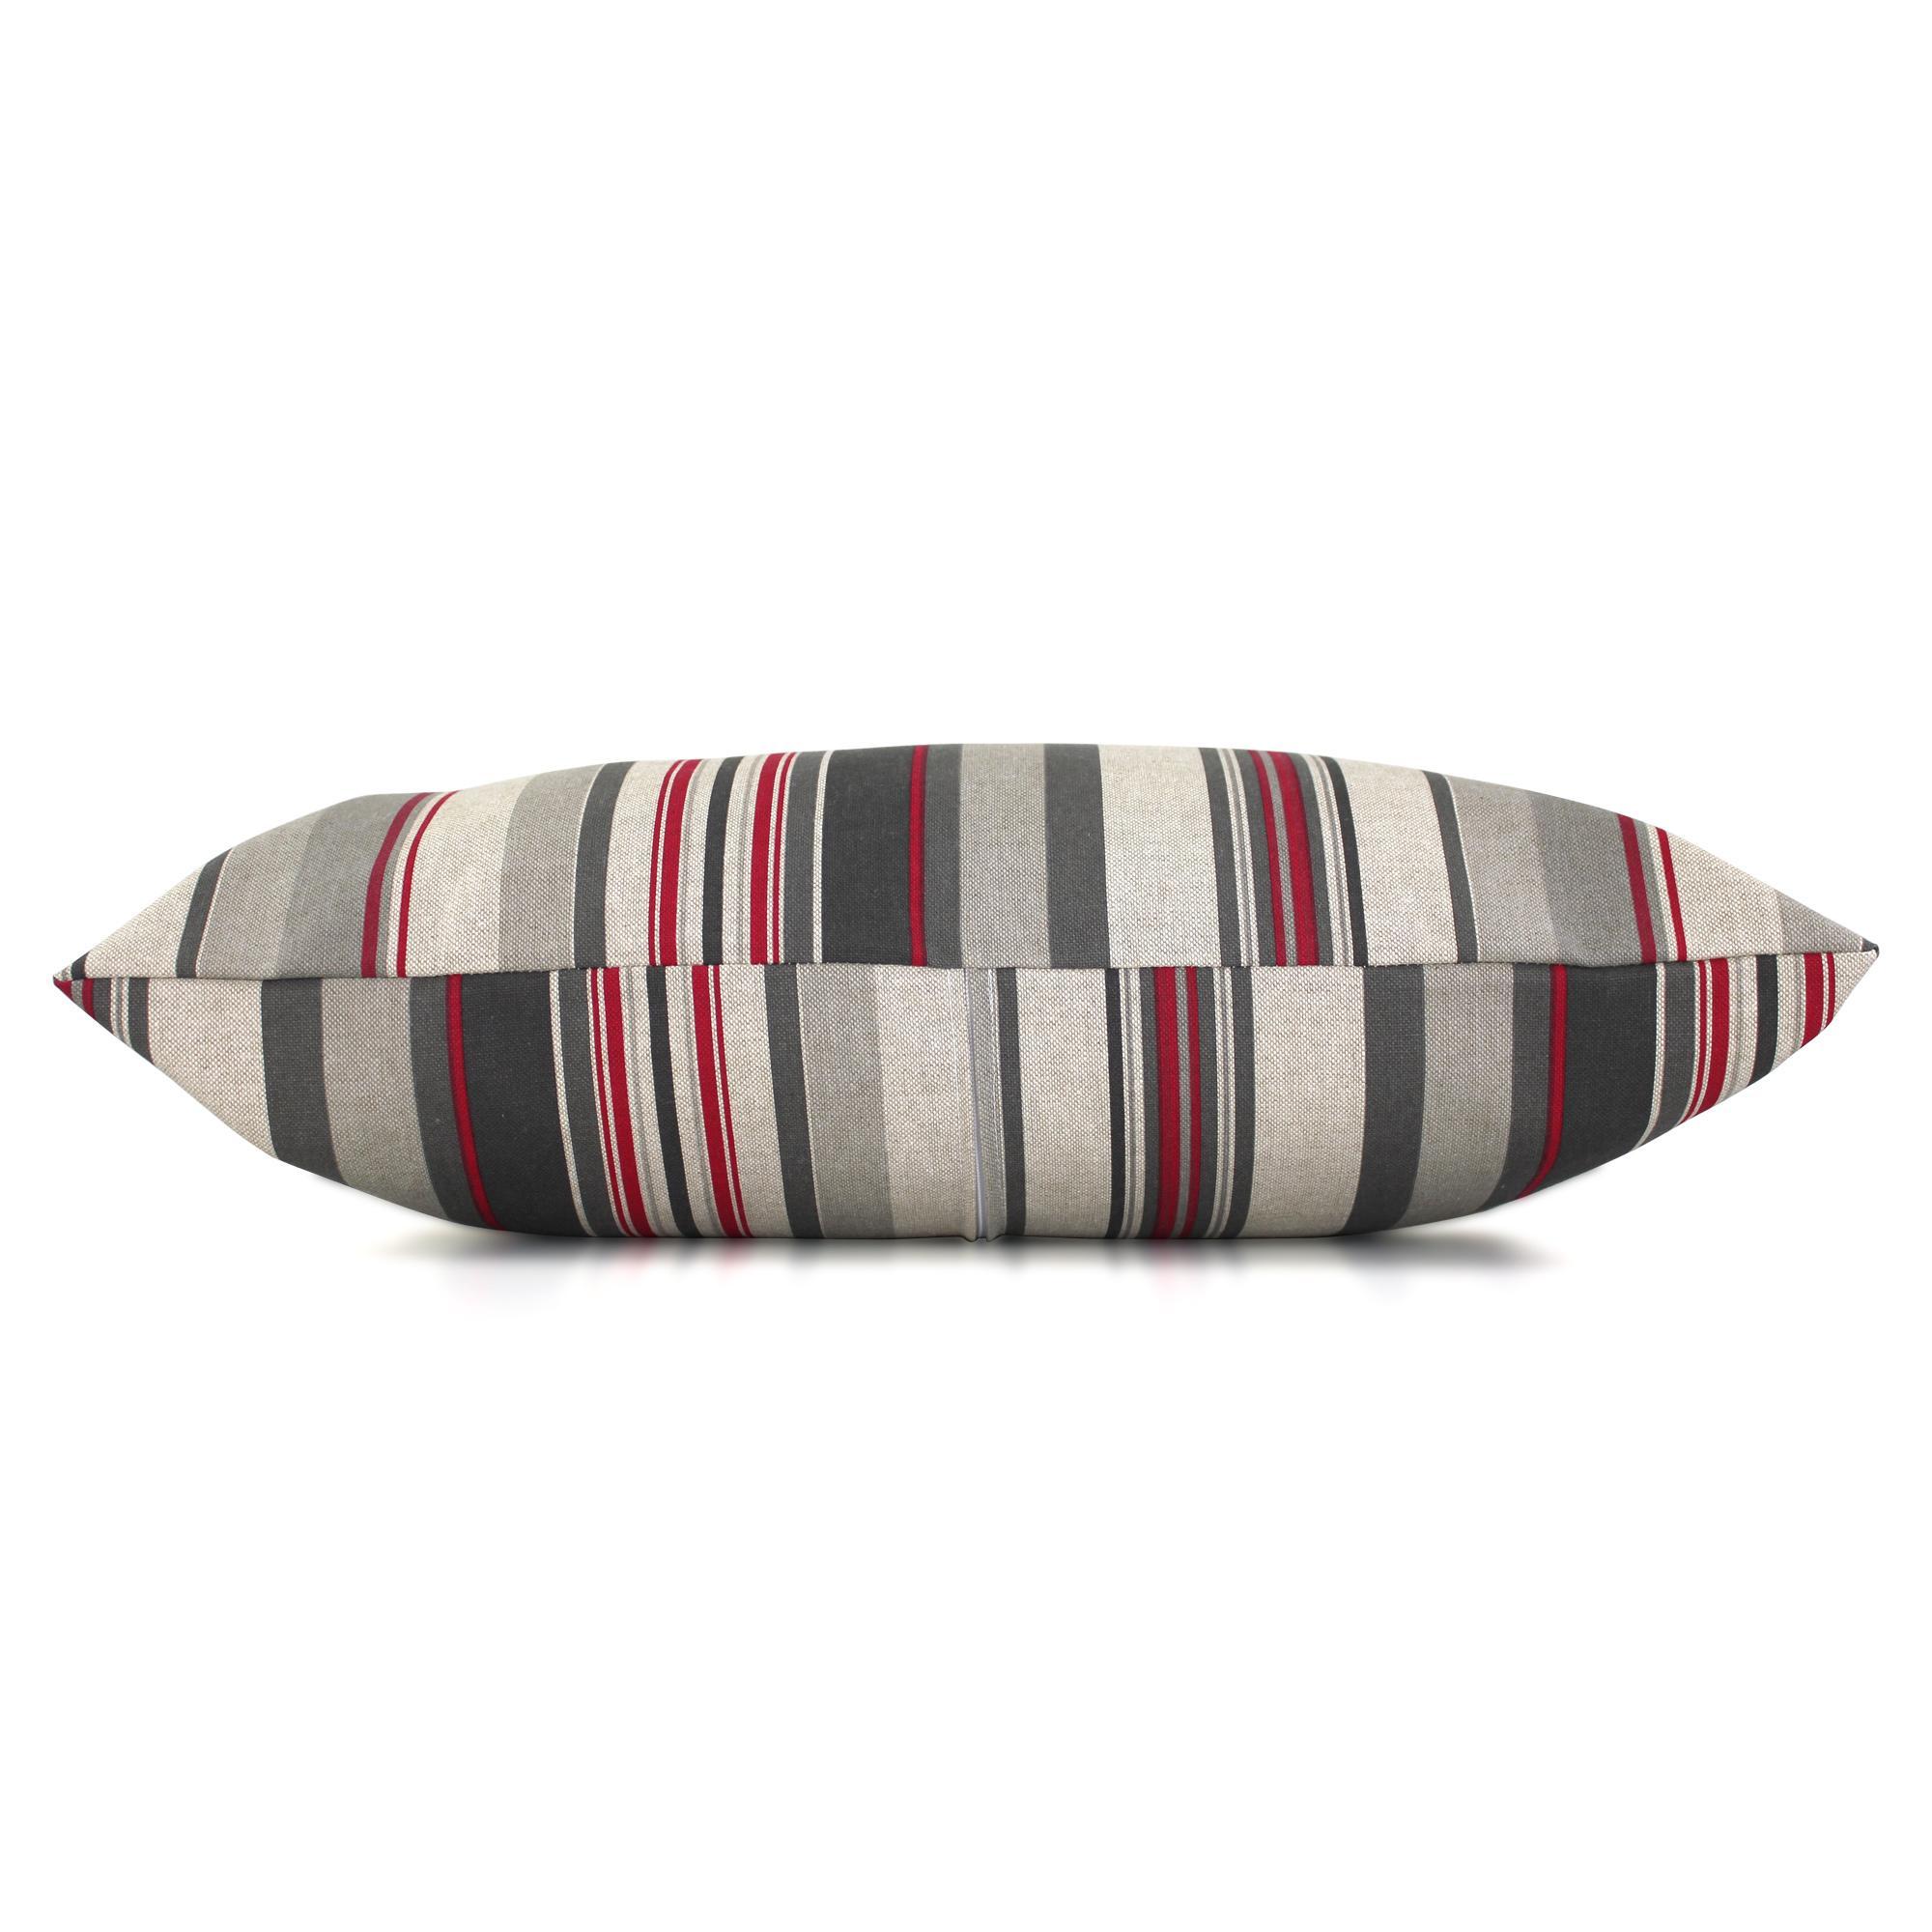 housse de coussin 30x50 cm tabiano lignes rouges et grises. Black Bedroom Furniture Sets. Home Design Ideas